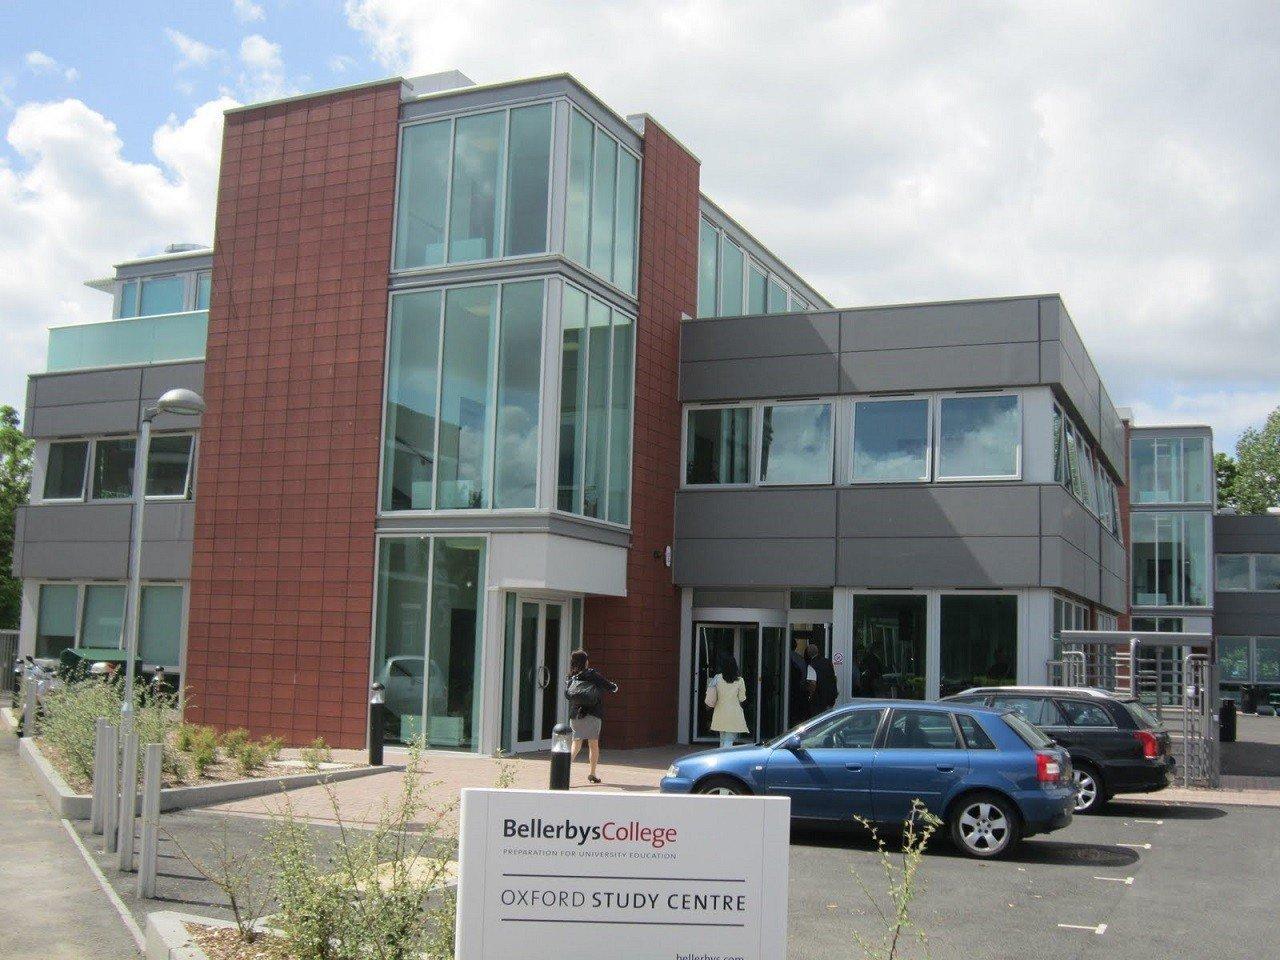 Cao đẳng Bellerbys là lựa chọn học tập số 1 cho học viên quốc tế